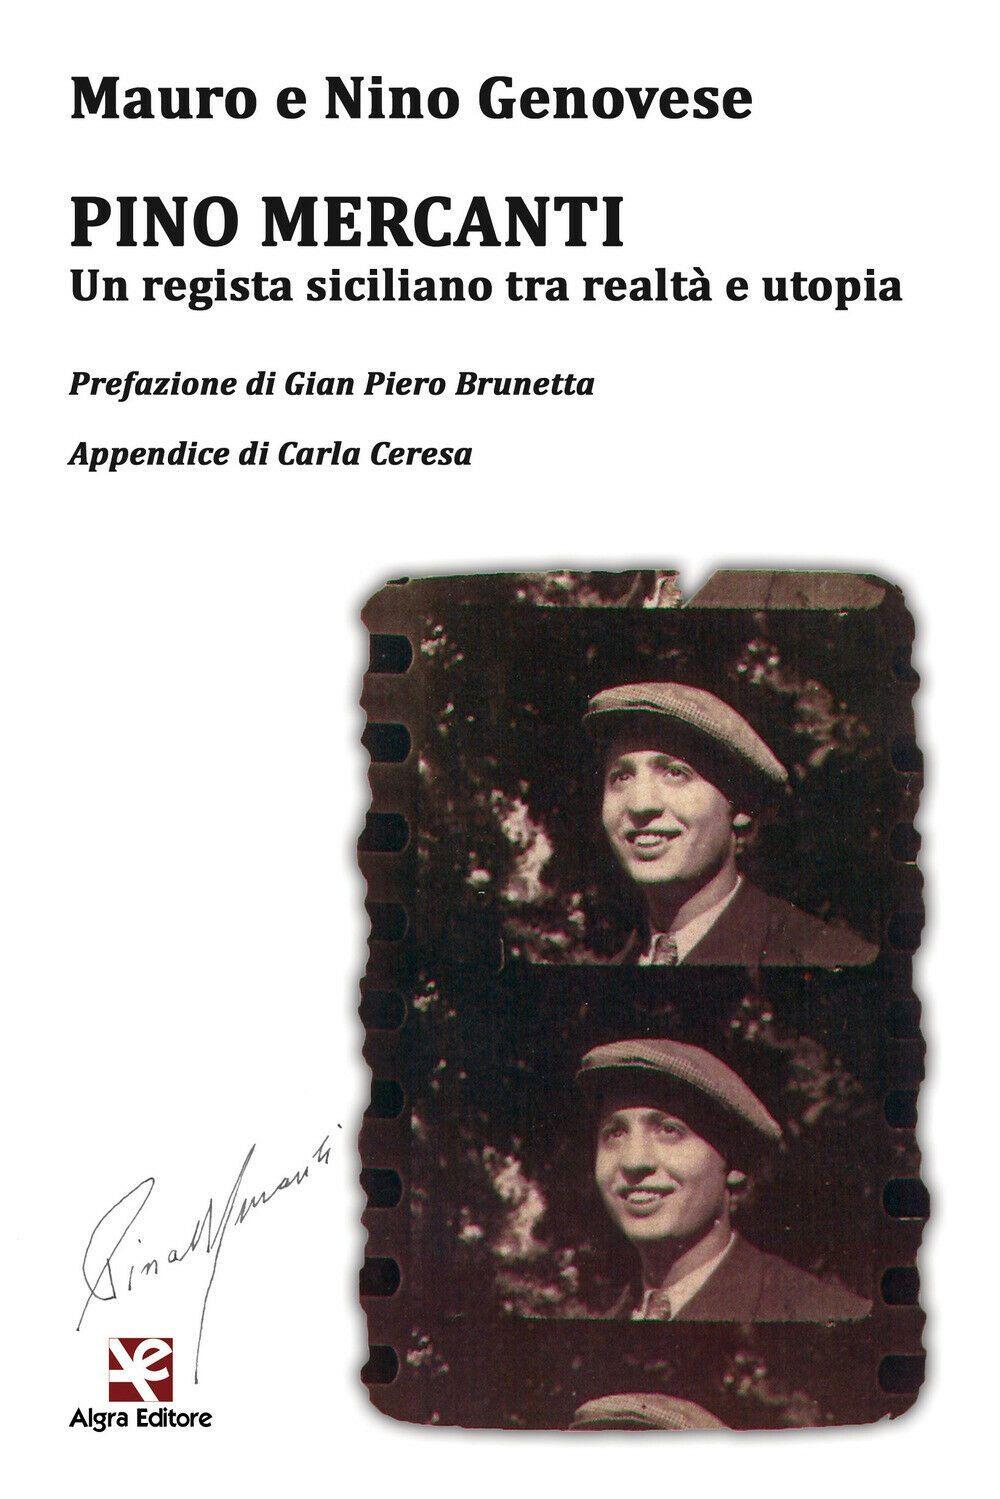 Pino Mercanti: il neorealismo a basso costo